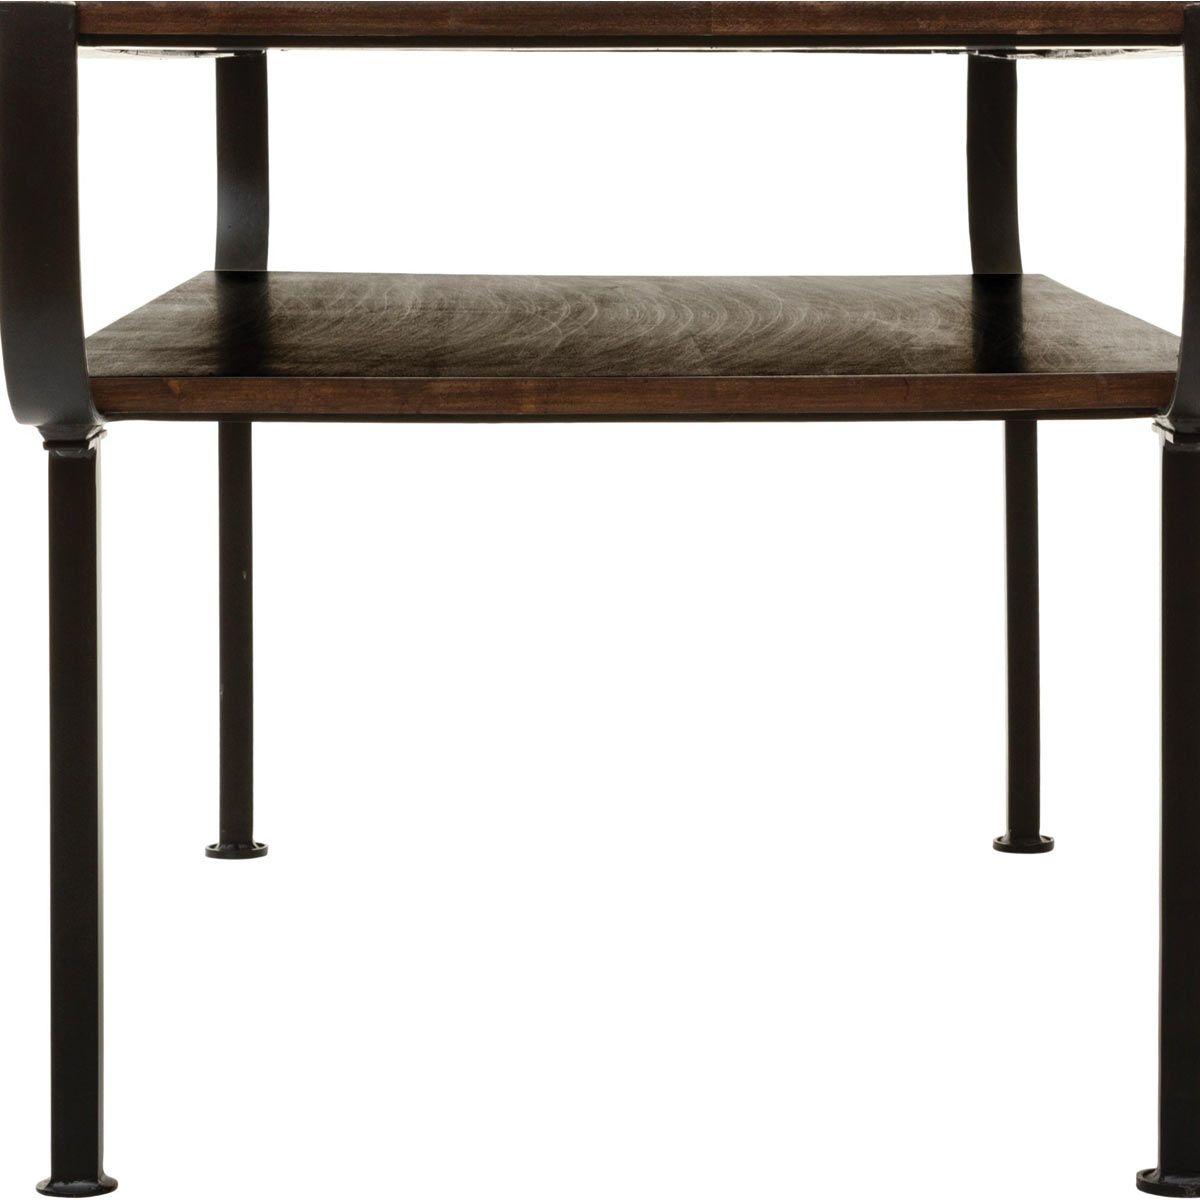 Table basse en bois de manguier